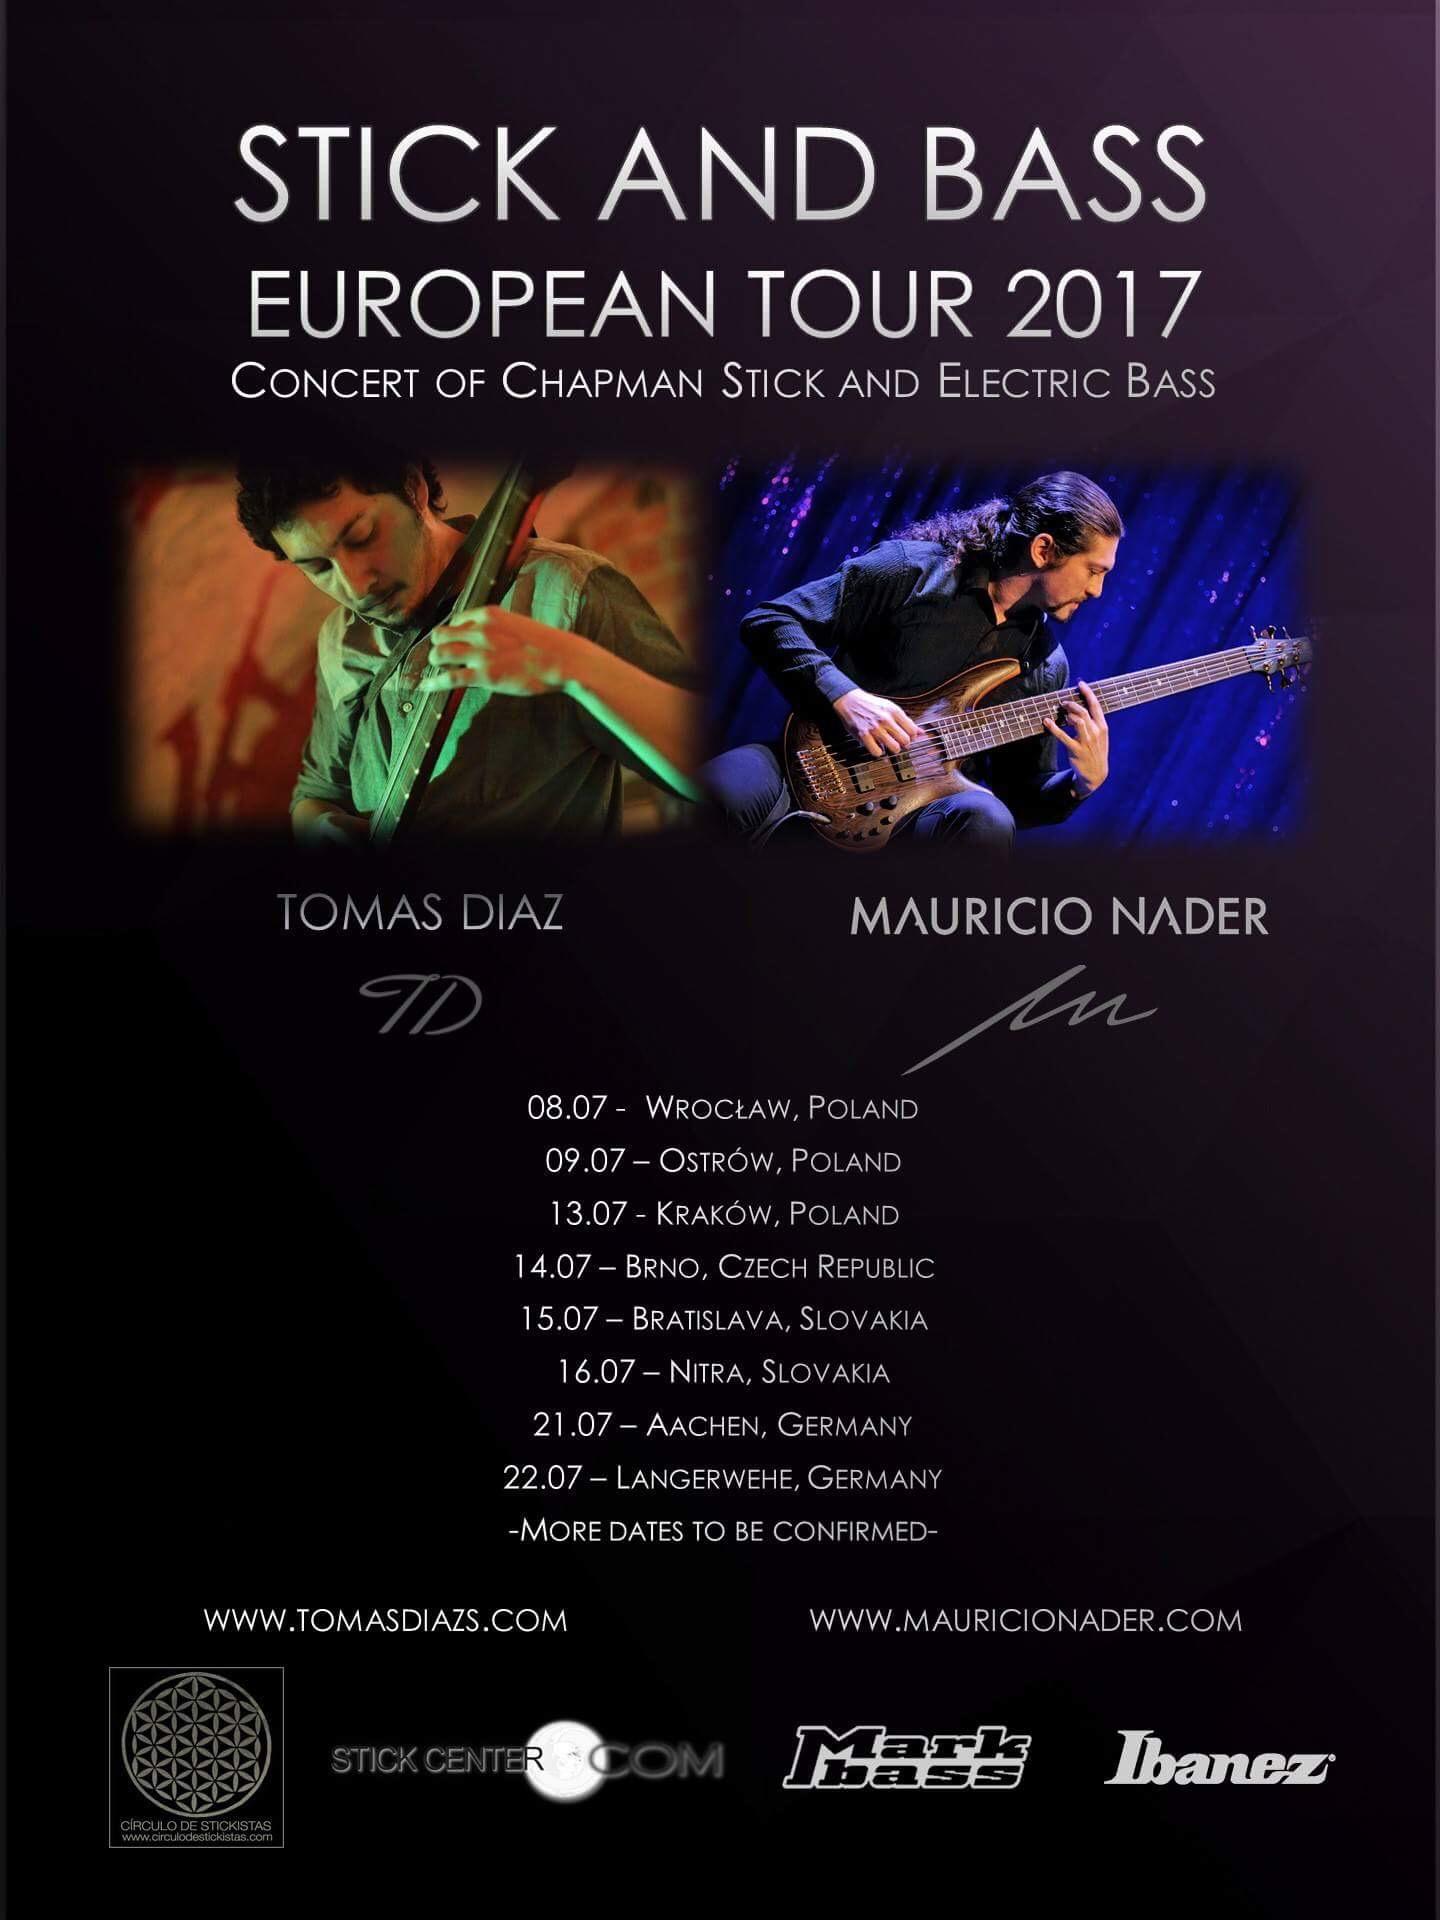 Stick and Bass European Tour 2017.JPG